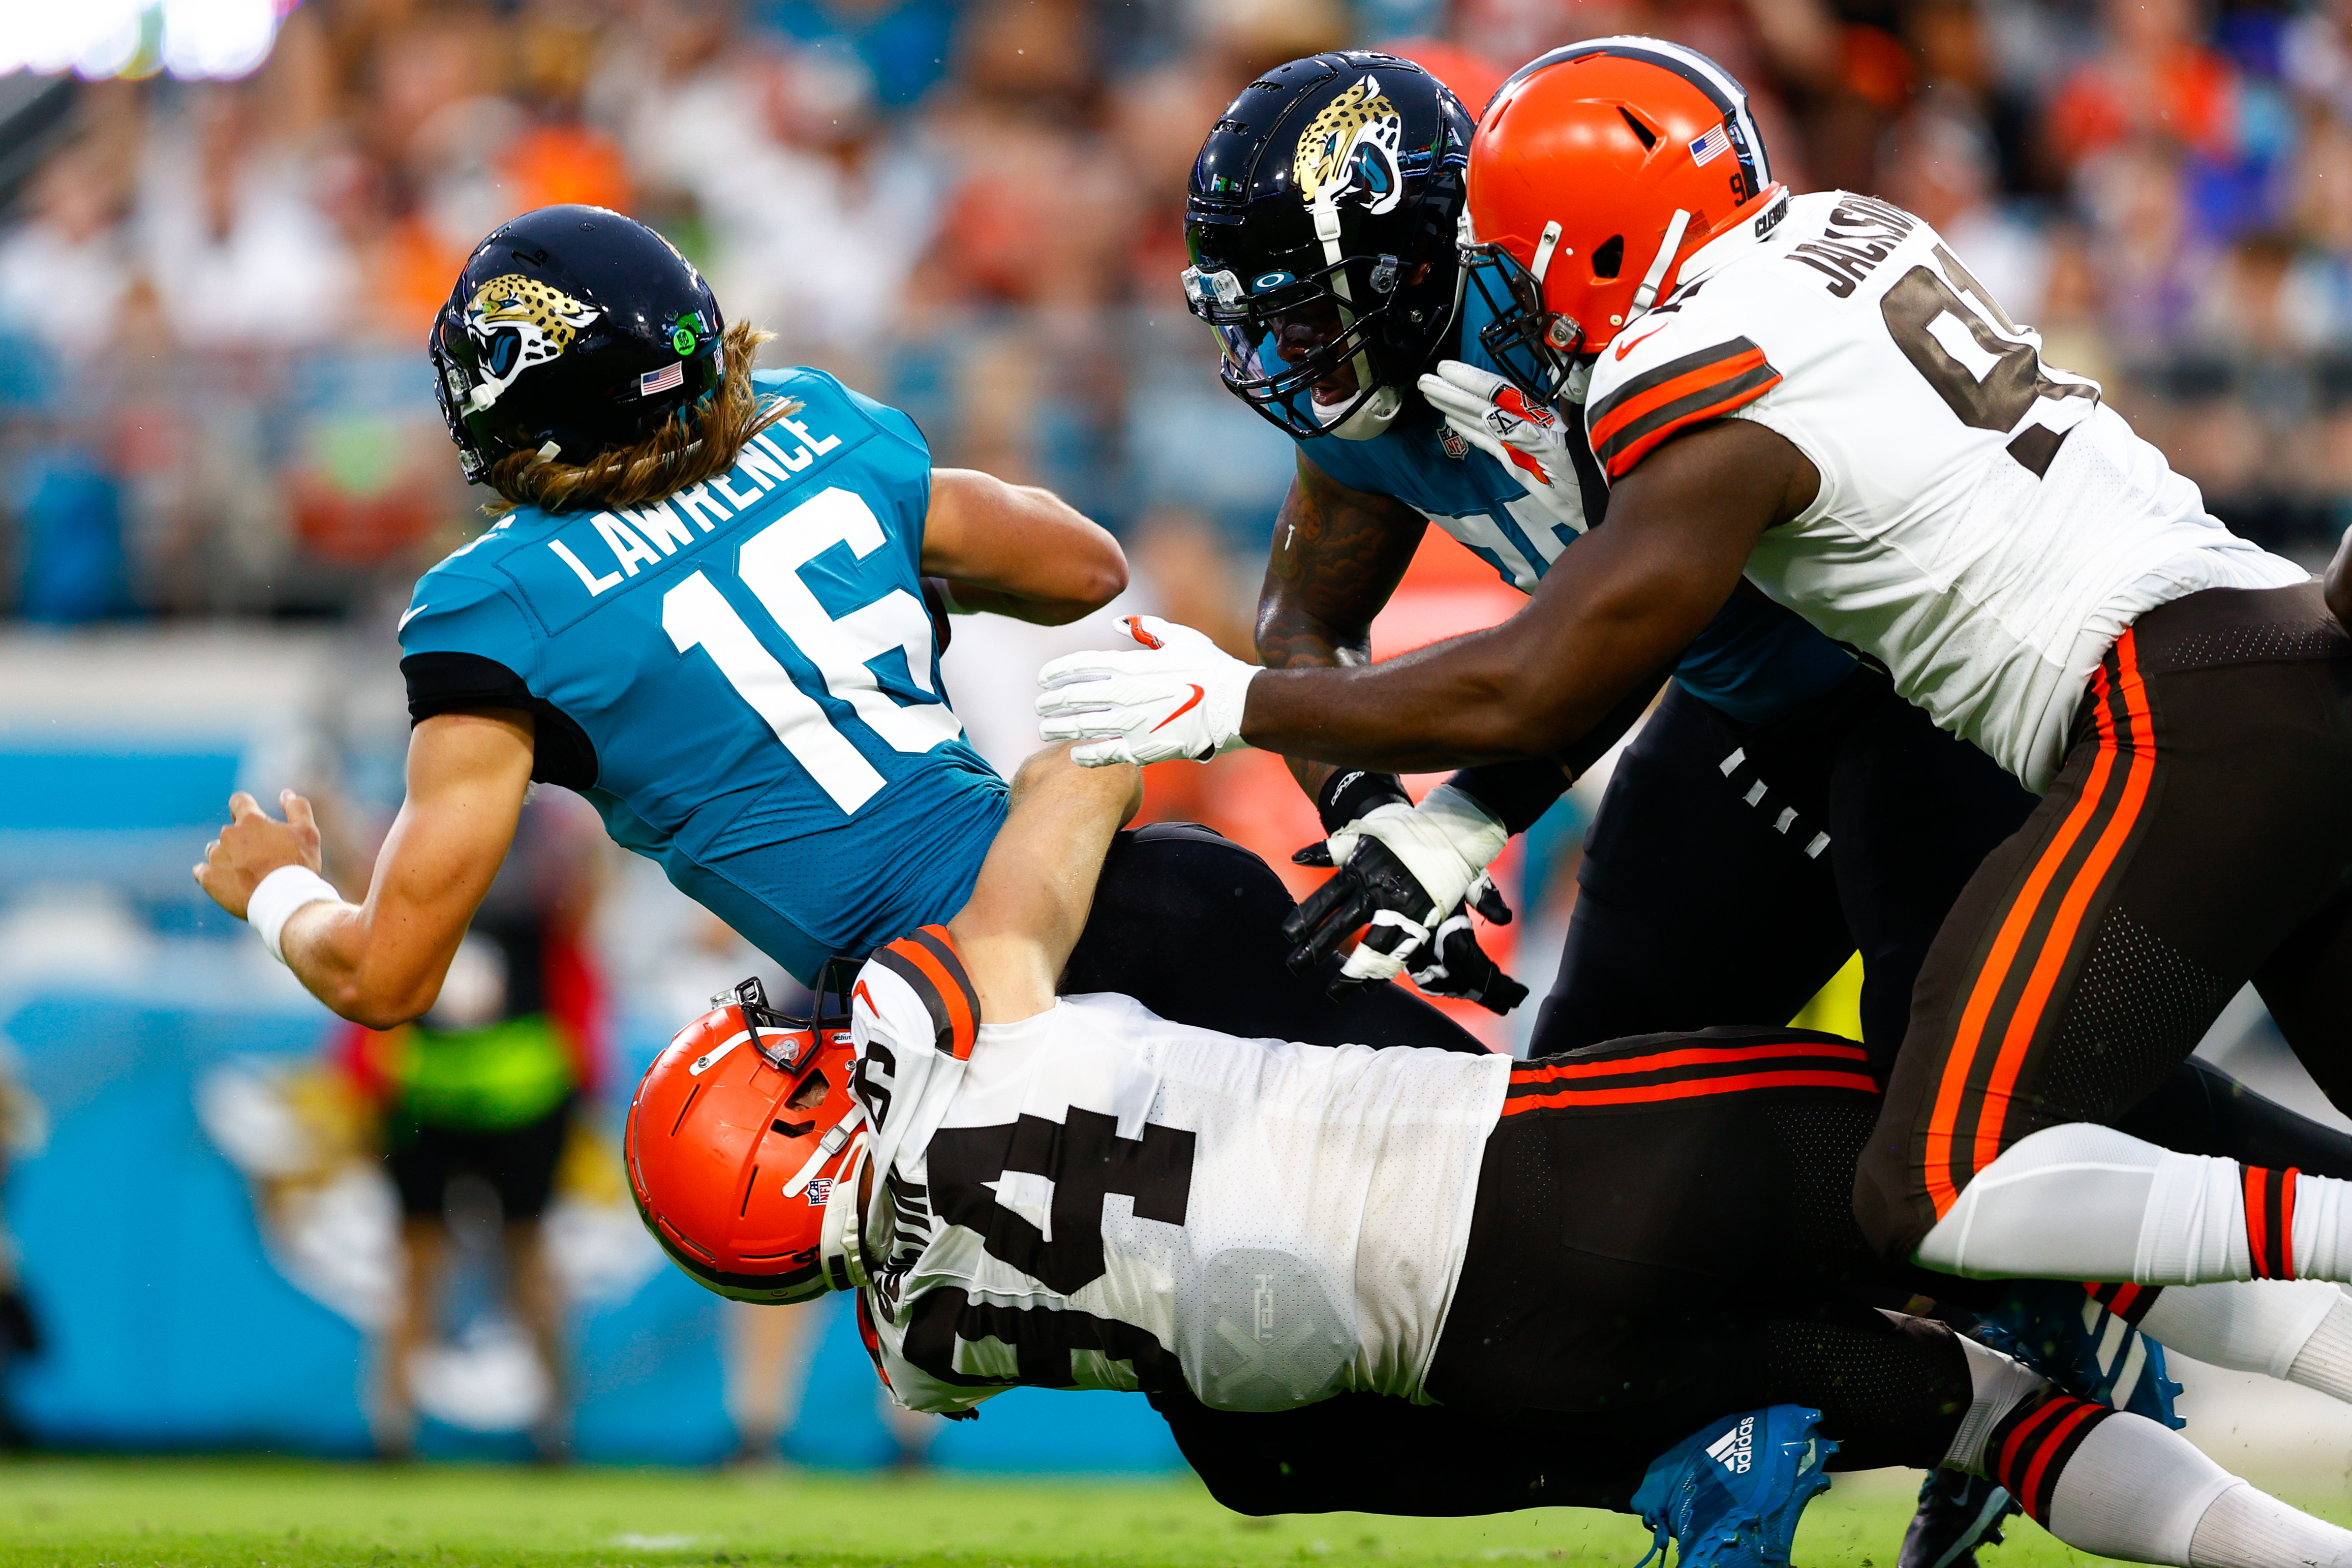 NFL: Cleveland Browns at Jacksonville Jaguars